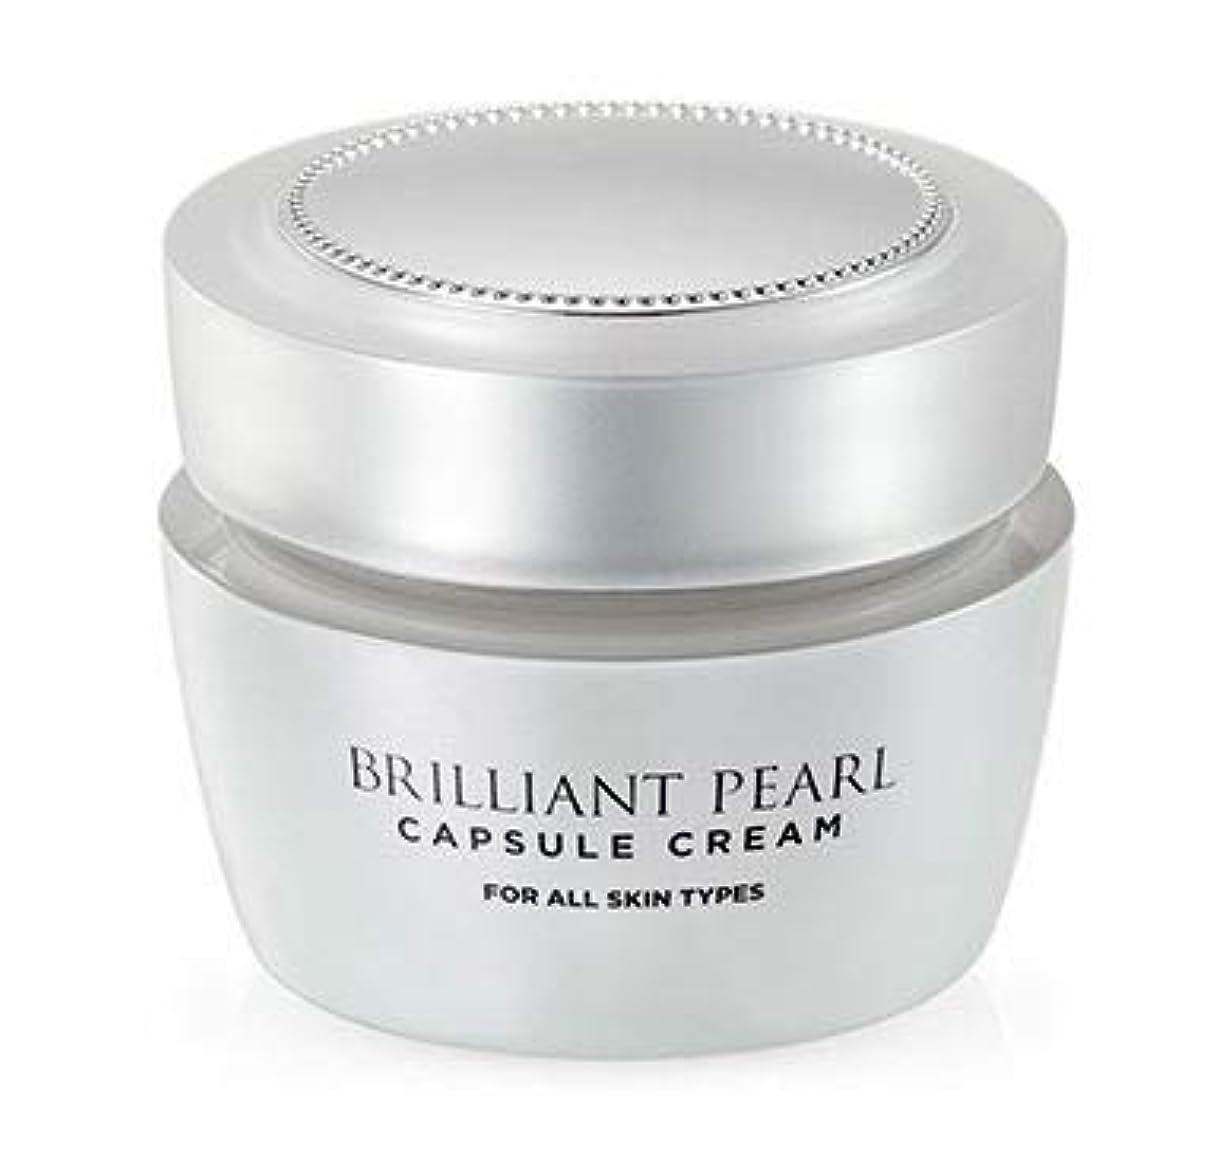 系統的潜水艦ぶら下がる[A.H.C] Brilliant Pearl Capsule Cream 50g /ブリリアントパールカプセルクリーム50g [並行輸入品]